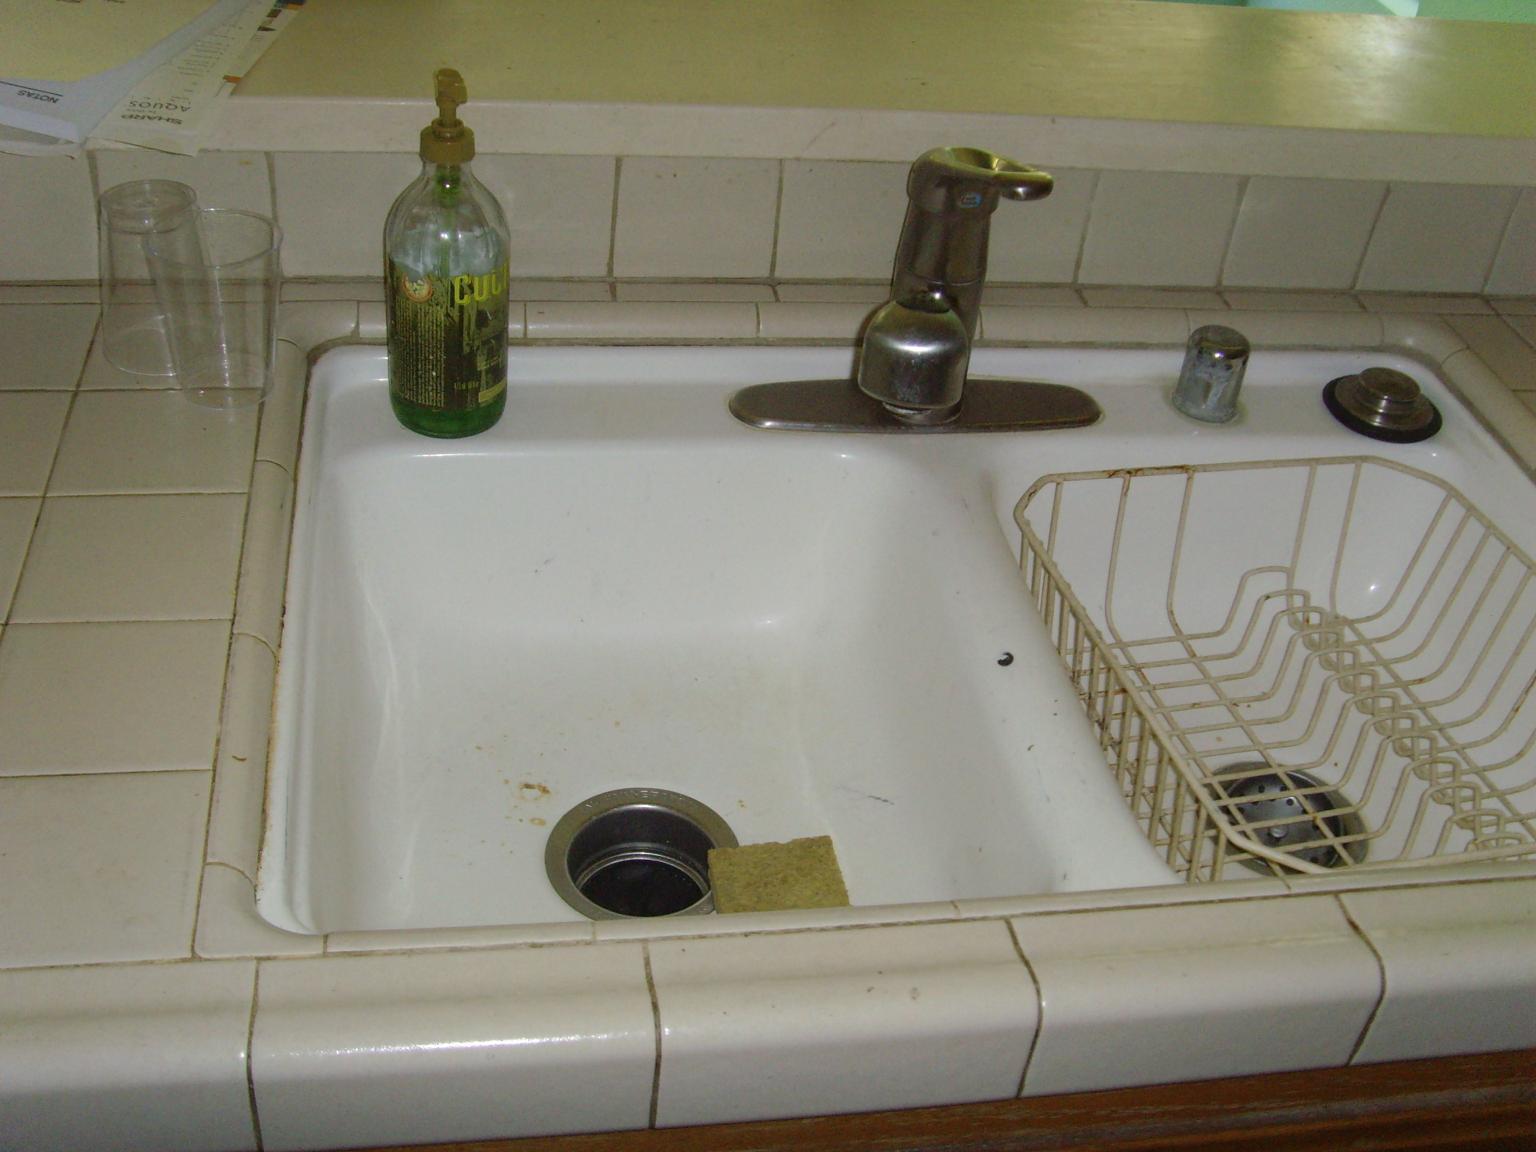 Cucine Con Lavabo Sotto Finestra : Cucina con lavandino sotto ...